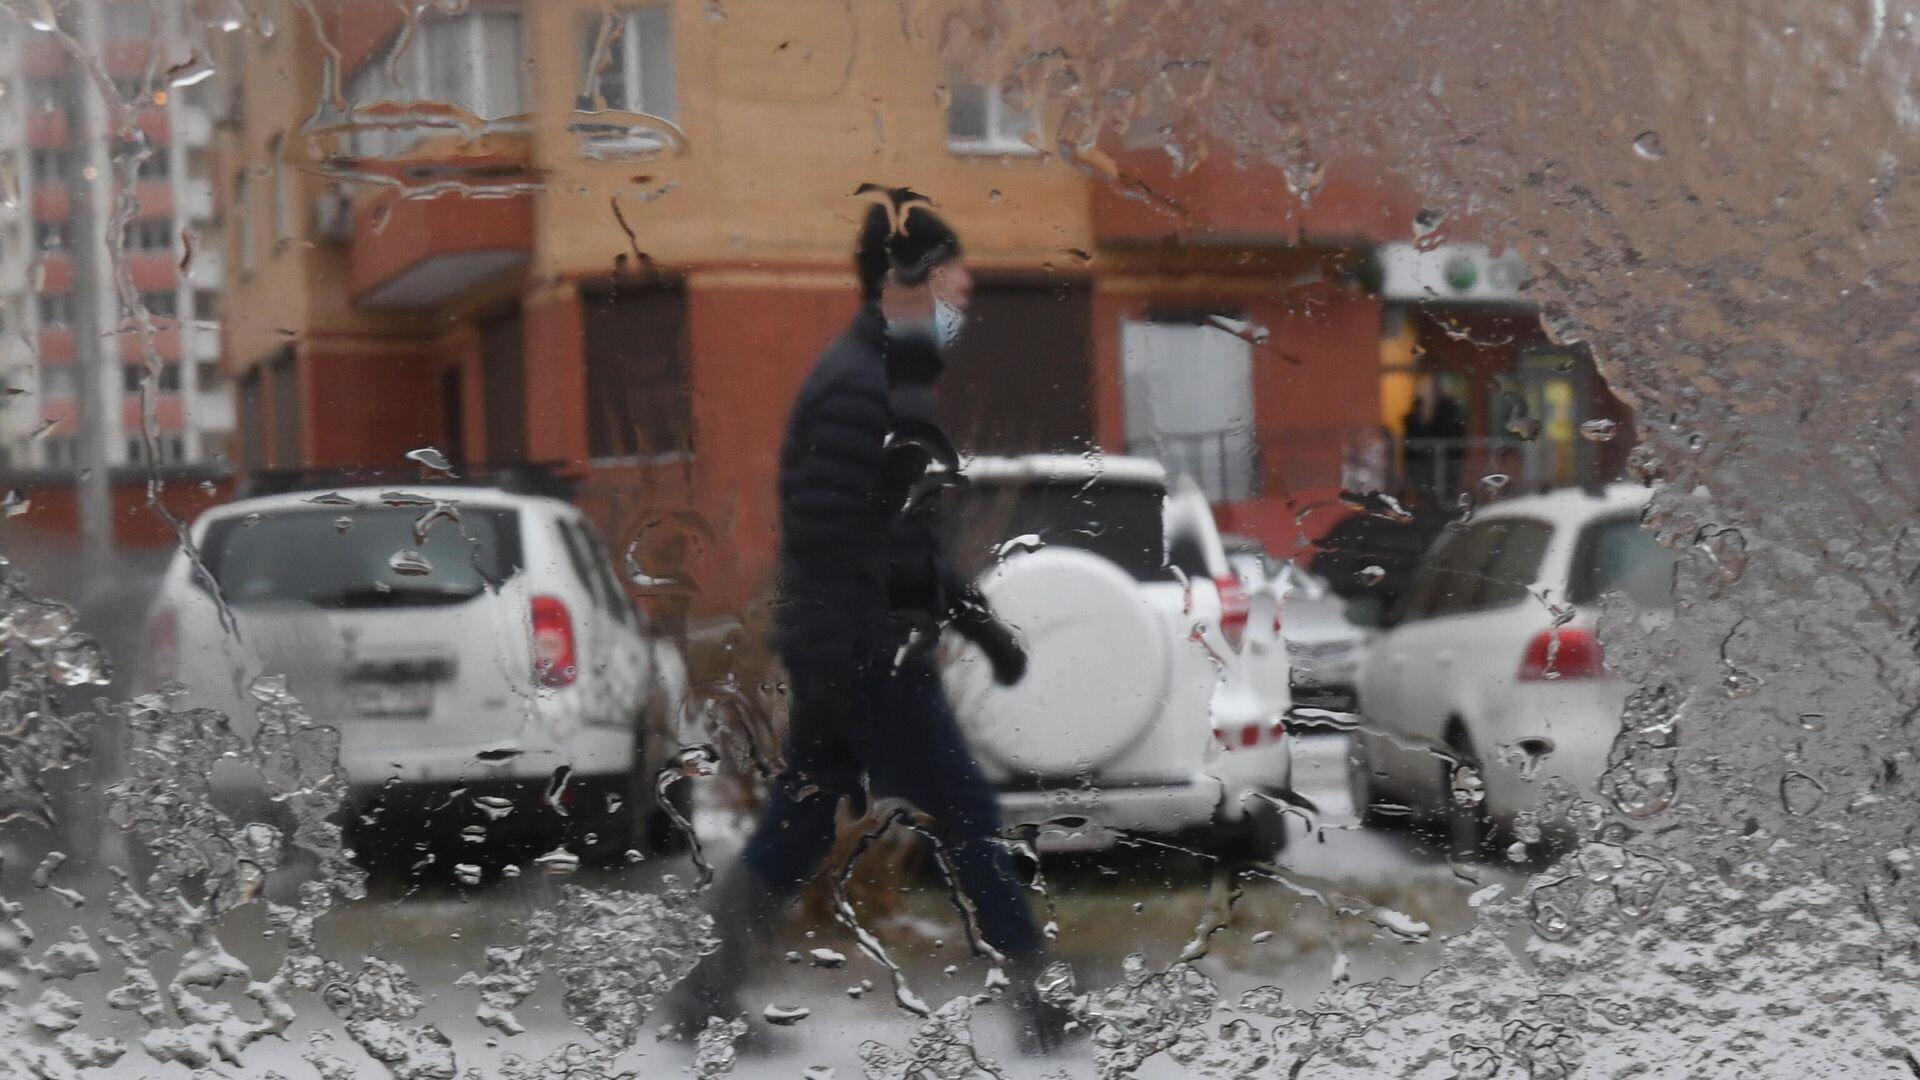 Вид через стекло автомобиля, которое покрыто тонким слоем льда после прошедшего ледяного дождя в Москве - РИА Новости, 1920, 20.09.2021